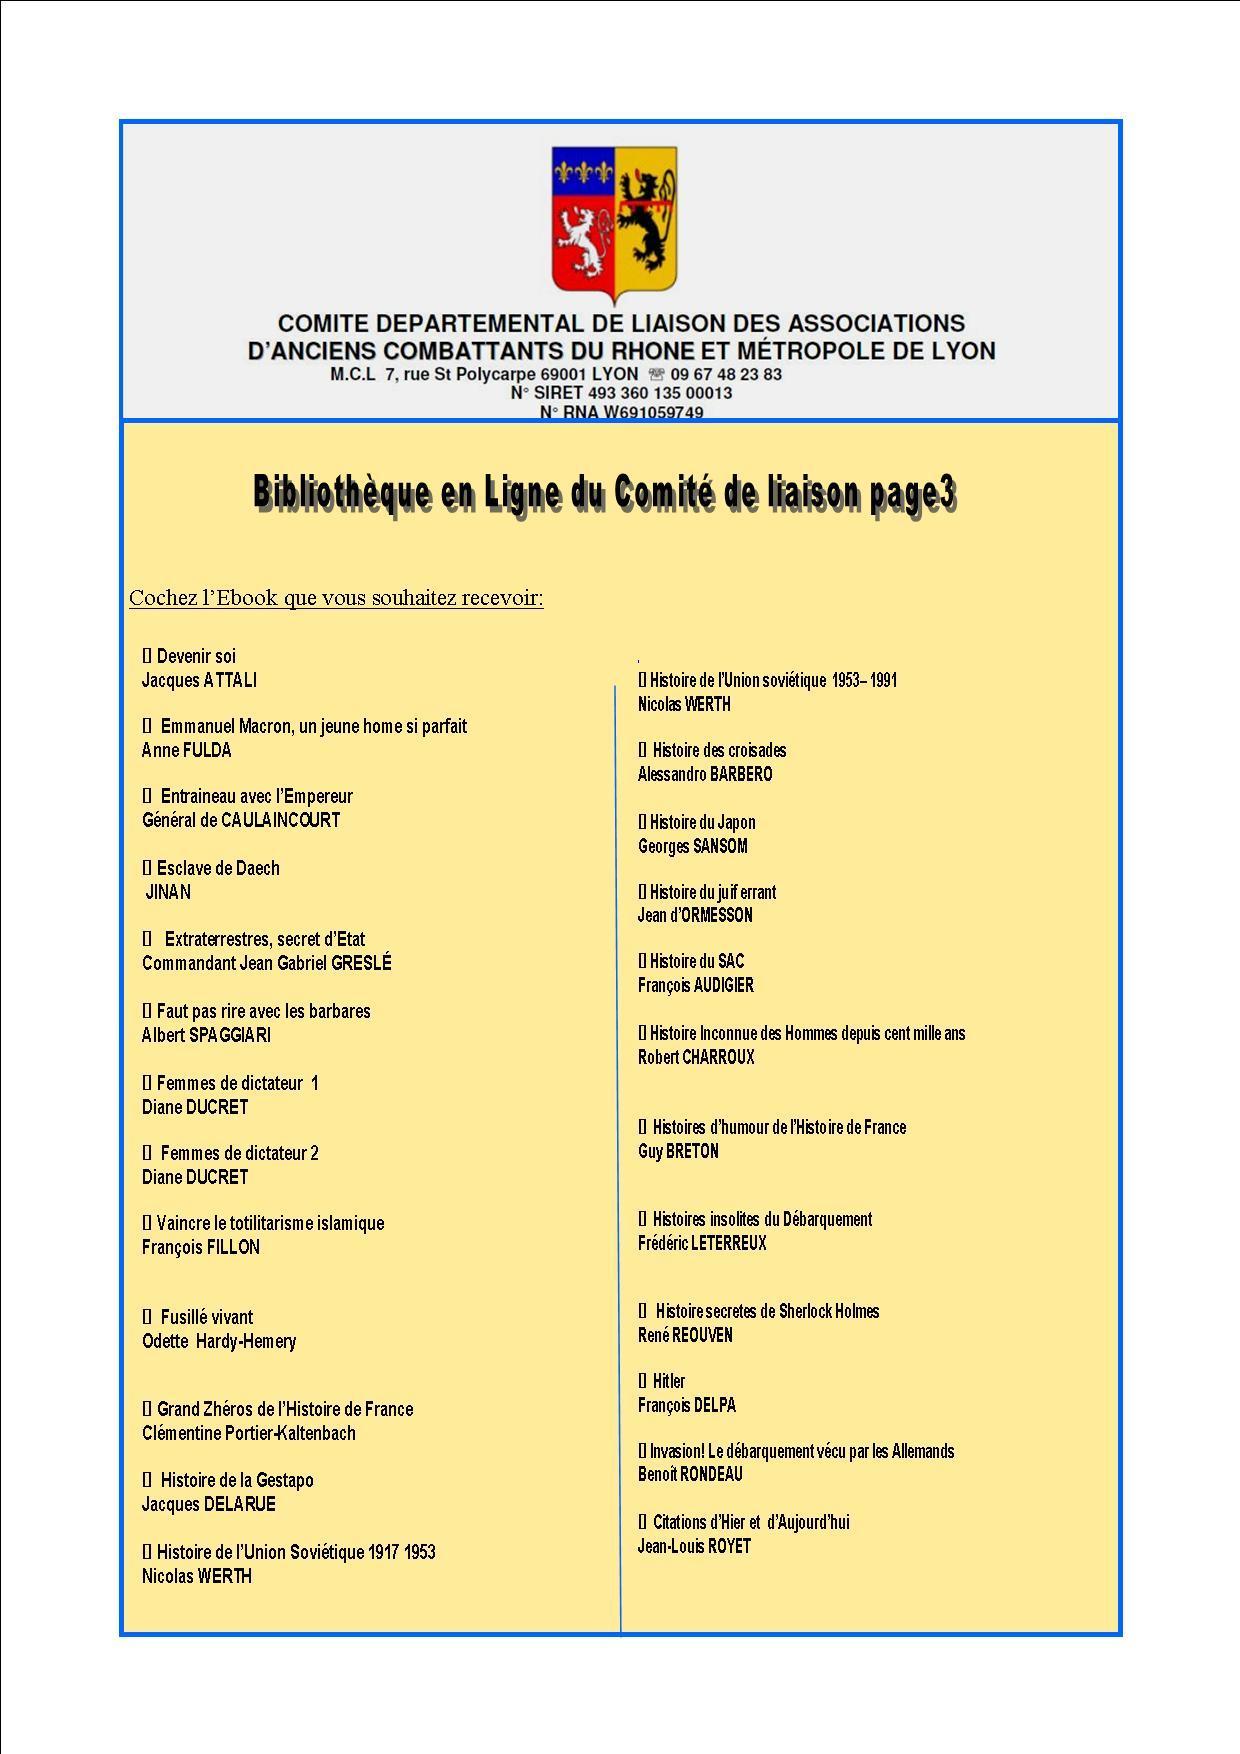 Bibliotheque en ligne du comite de liaison page3